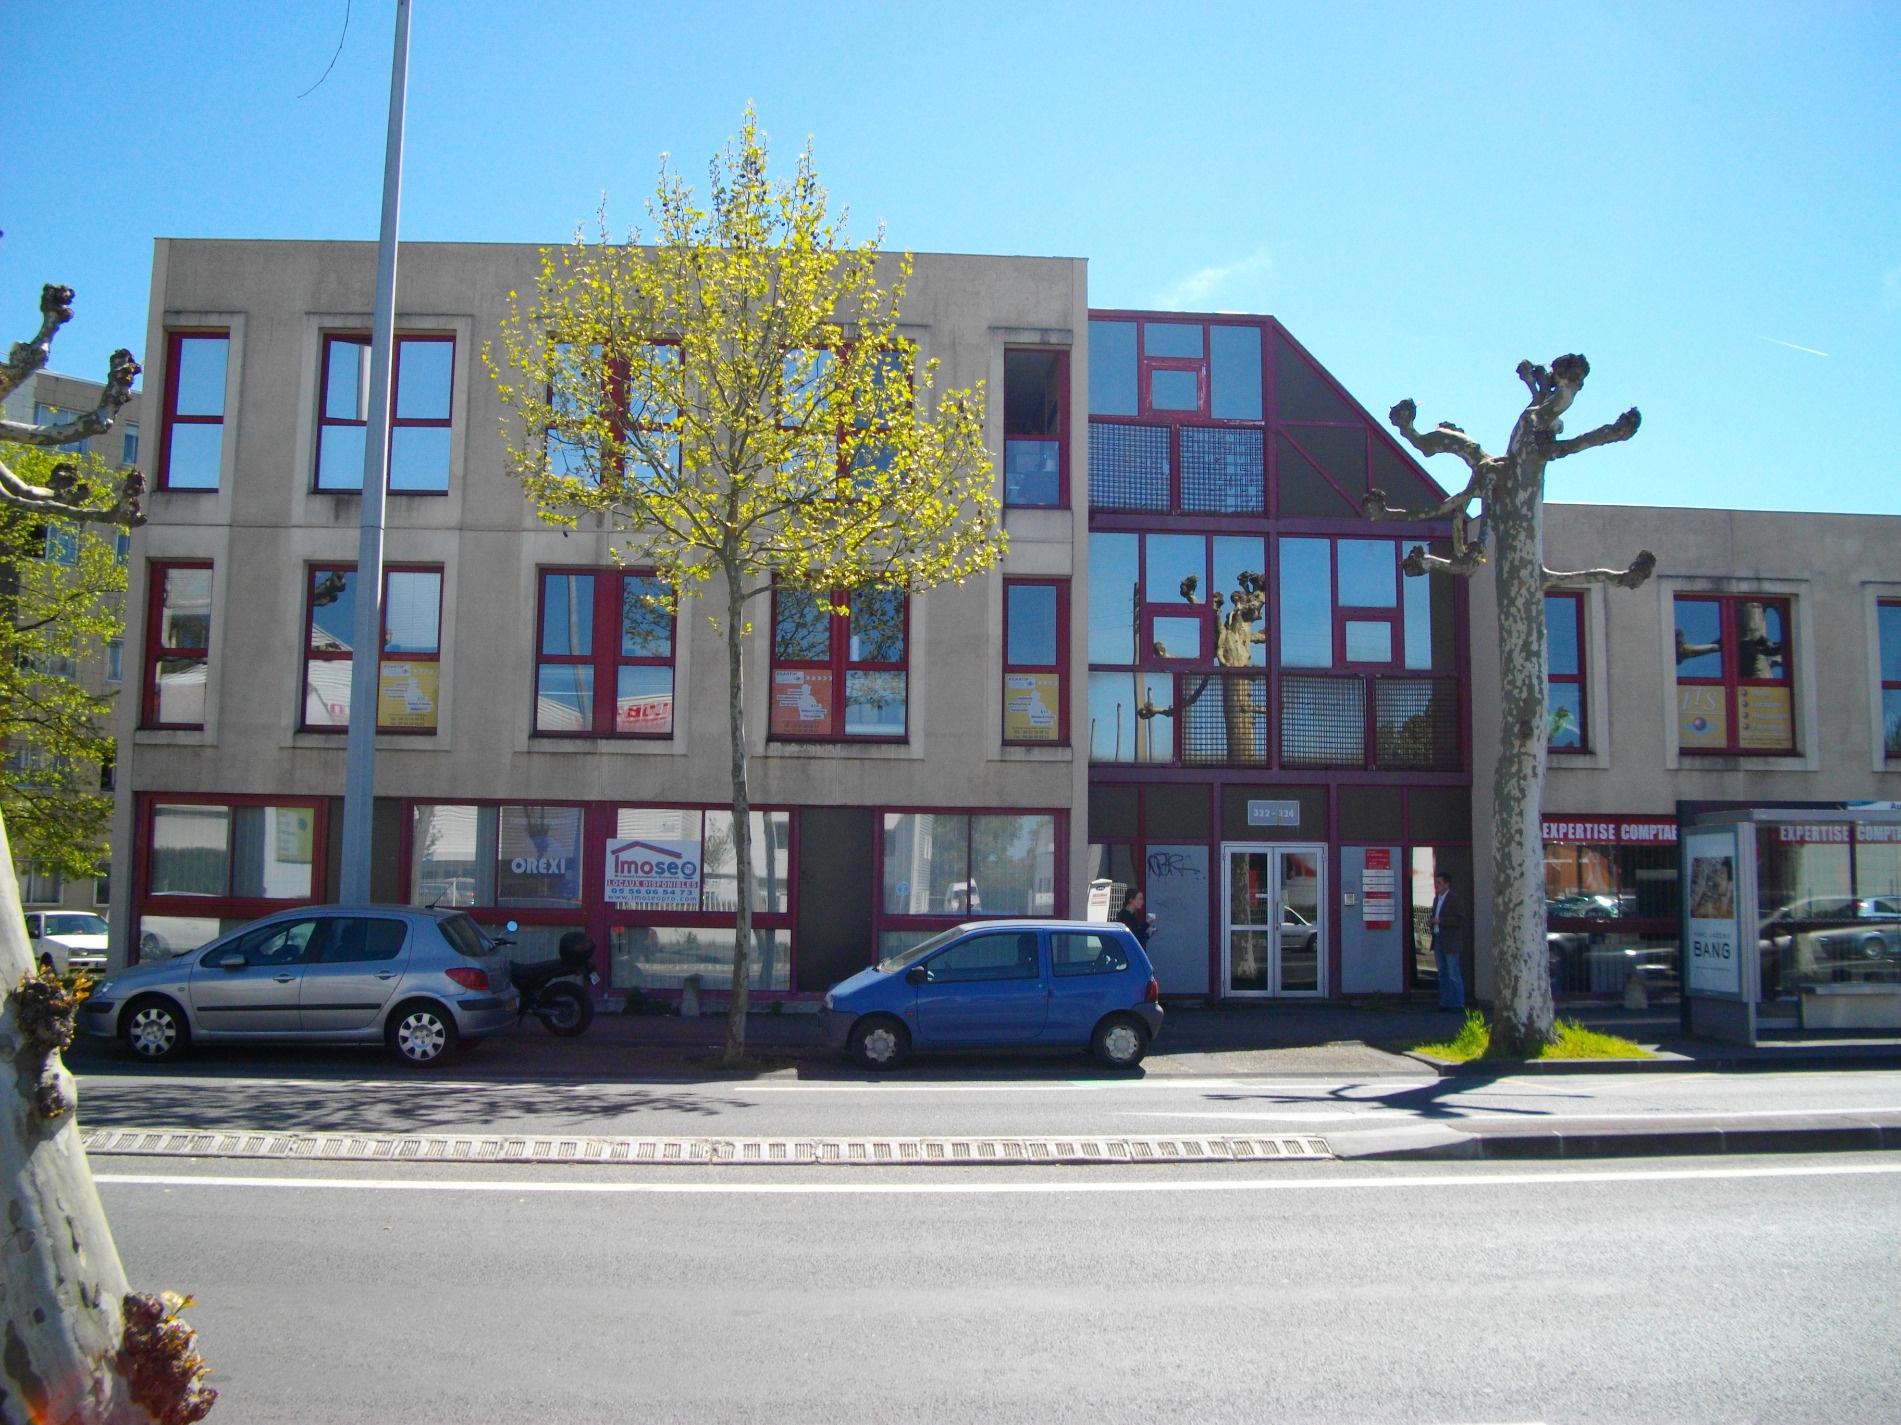 Vente Immobilier Professionnel Murs commerciaux Bègles (33130)